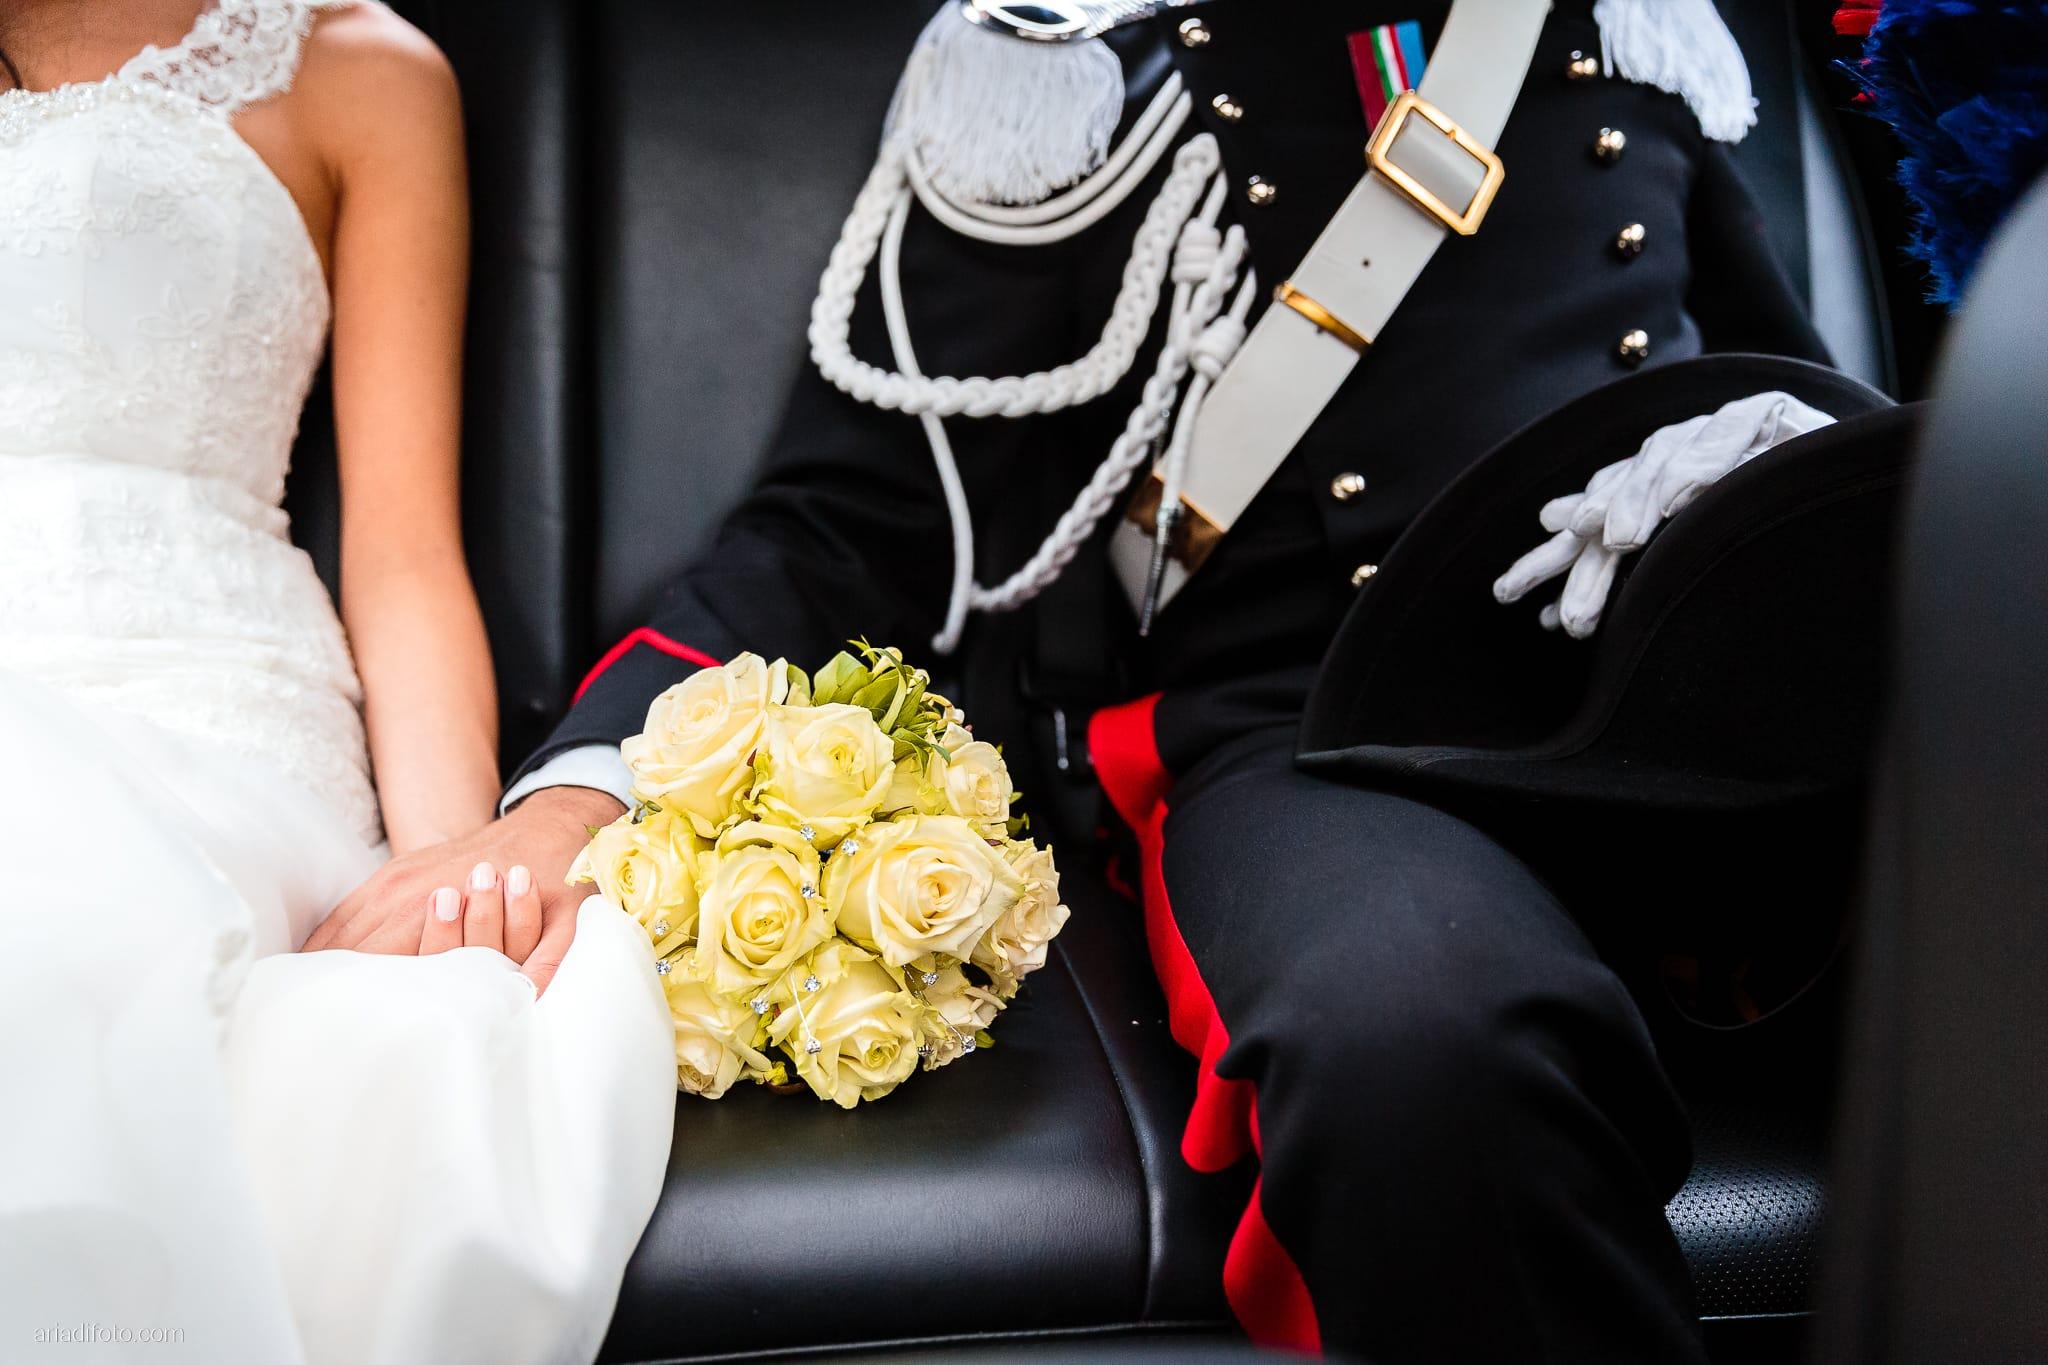 Magdalena Massimo Matrimonio Ristorante Le Terrazze Riviera Trieste momenti auto sposi dettagli mani bouquet rose